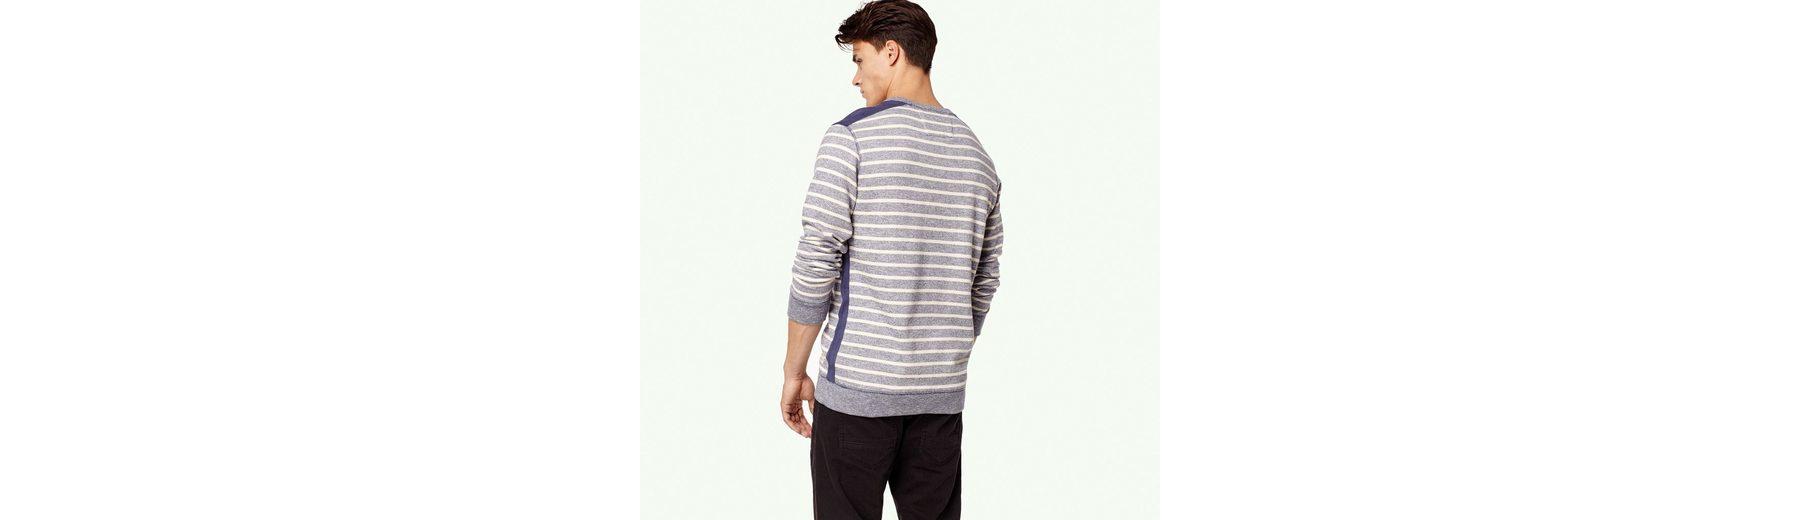 Wählen Sie Eine Beste Verkauf Der Billigsten O'Neill Sweats Marin sweatshirt Footlocker Finish Angebote Günstig Online oFvTA